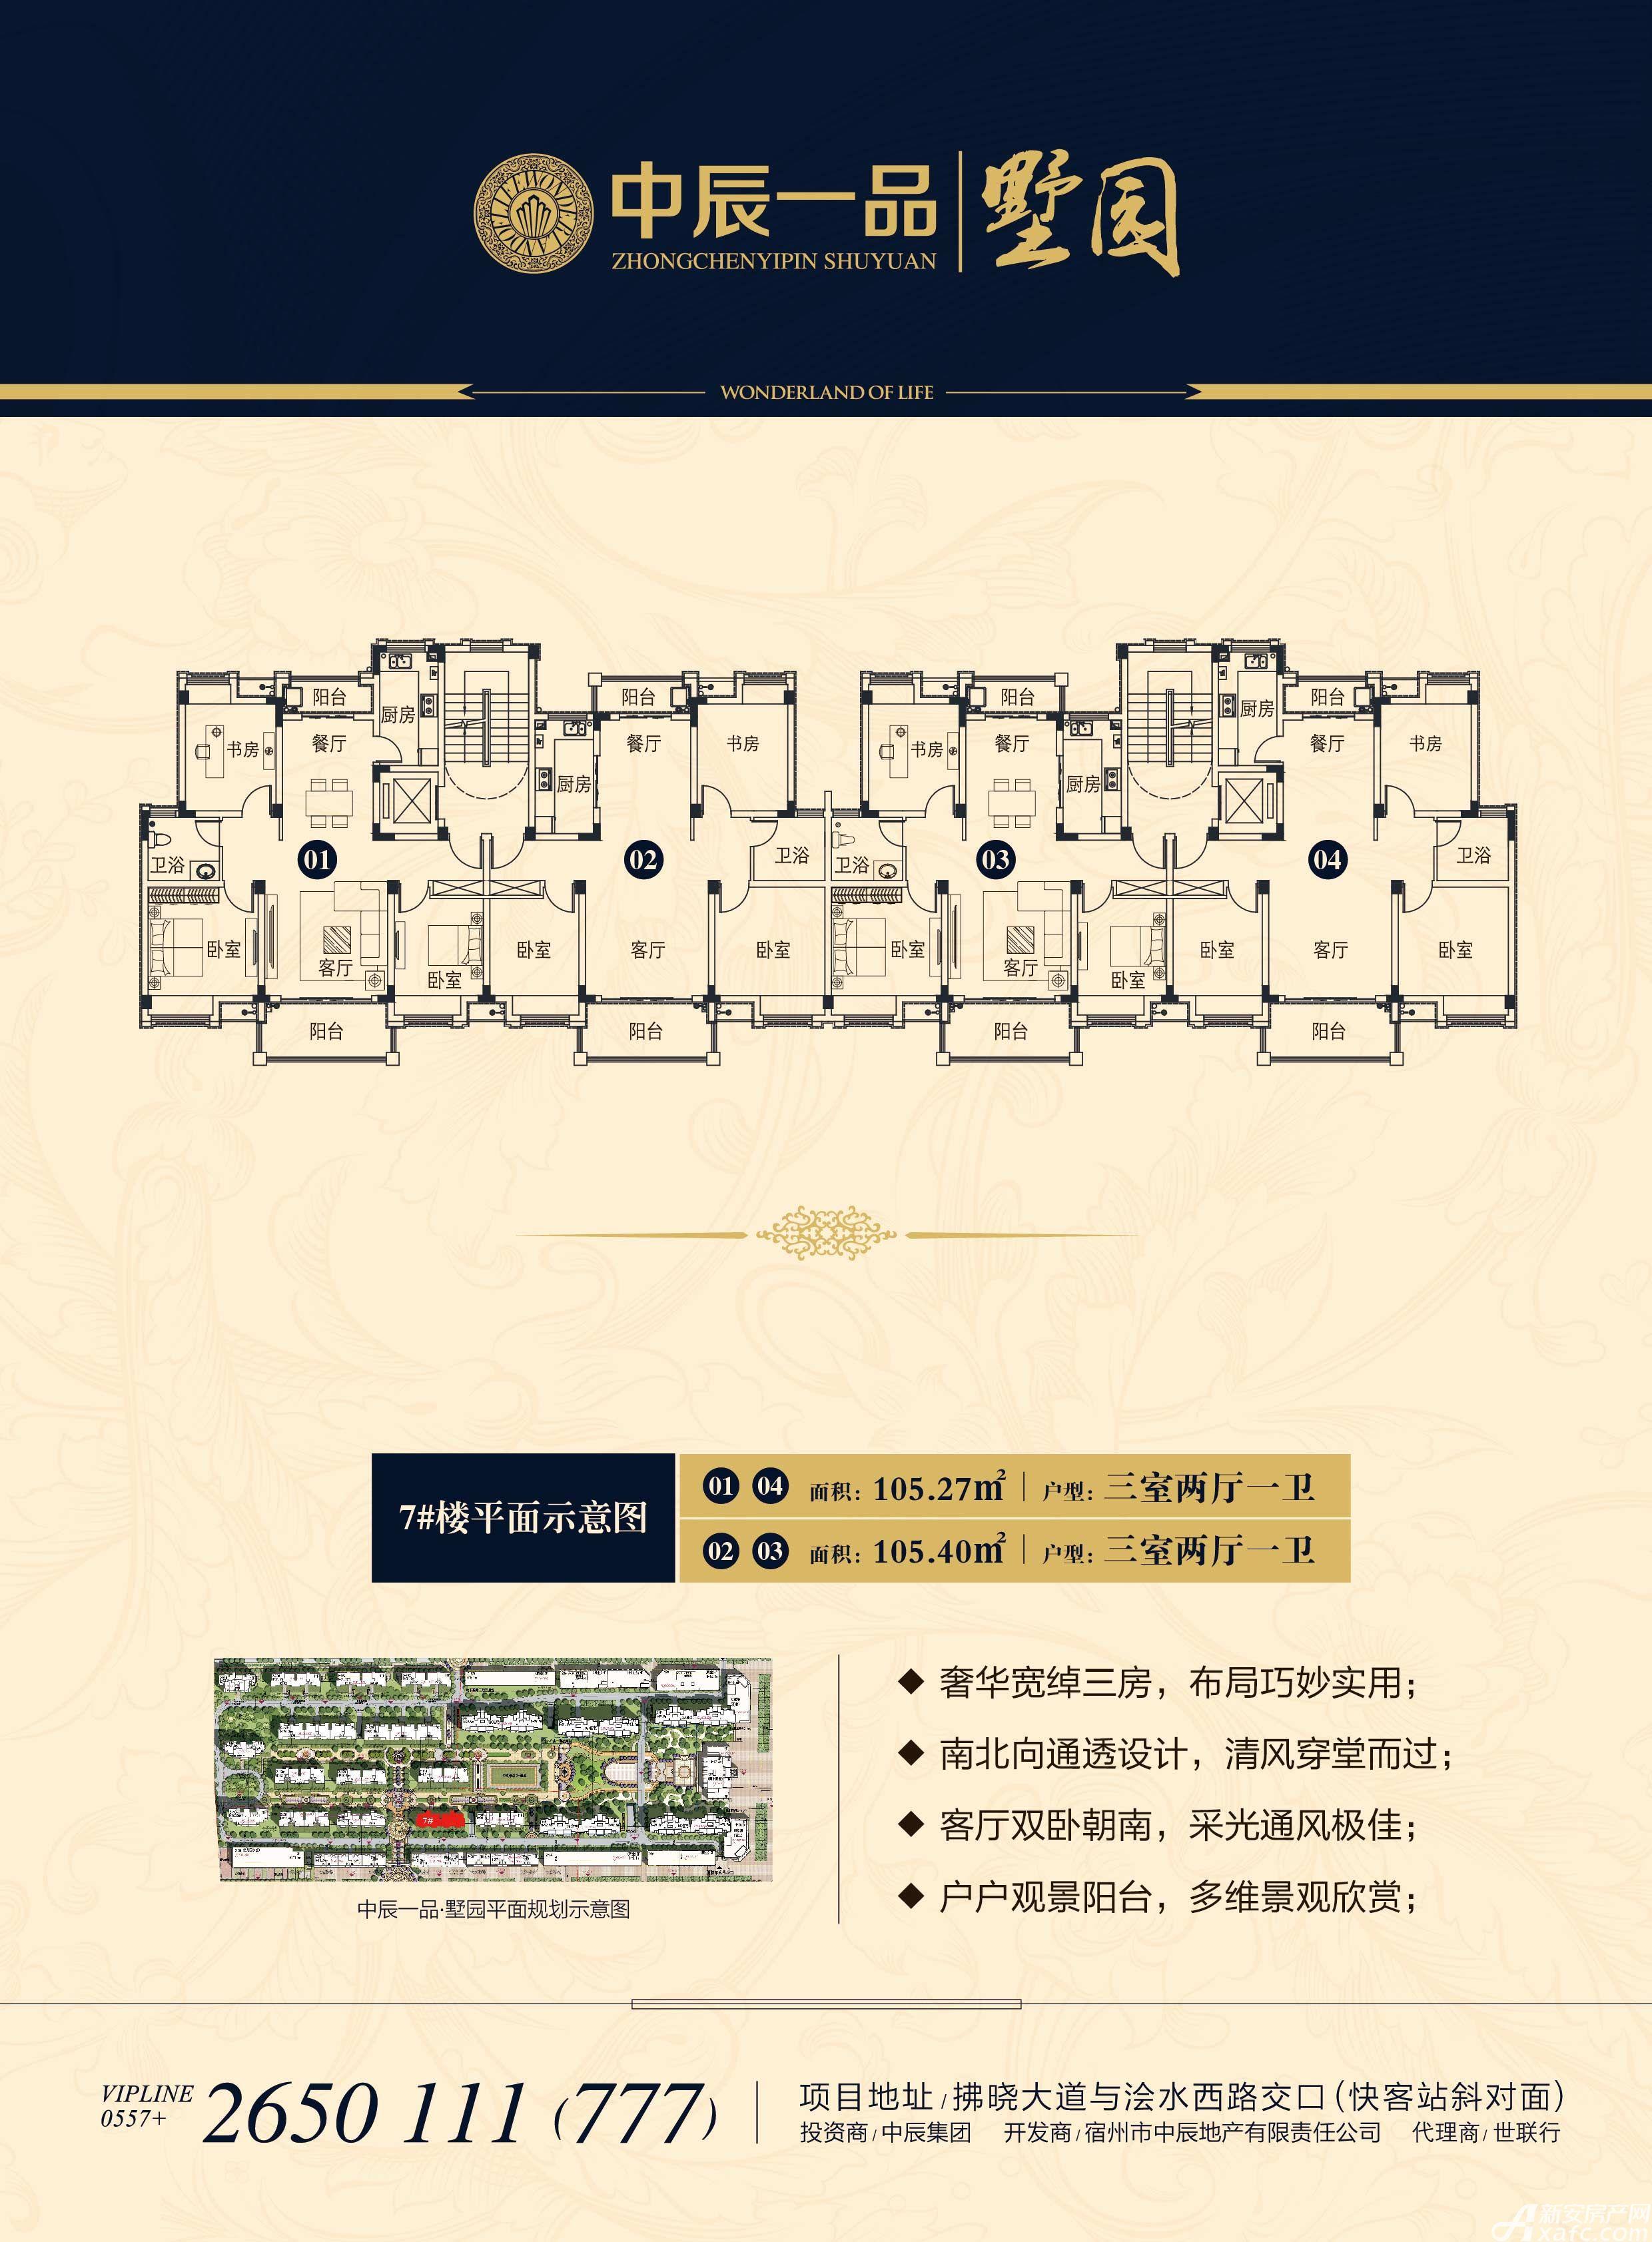 中辰一品7#楼3室2厅105.27平米